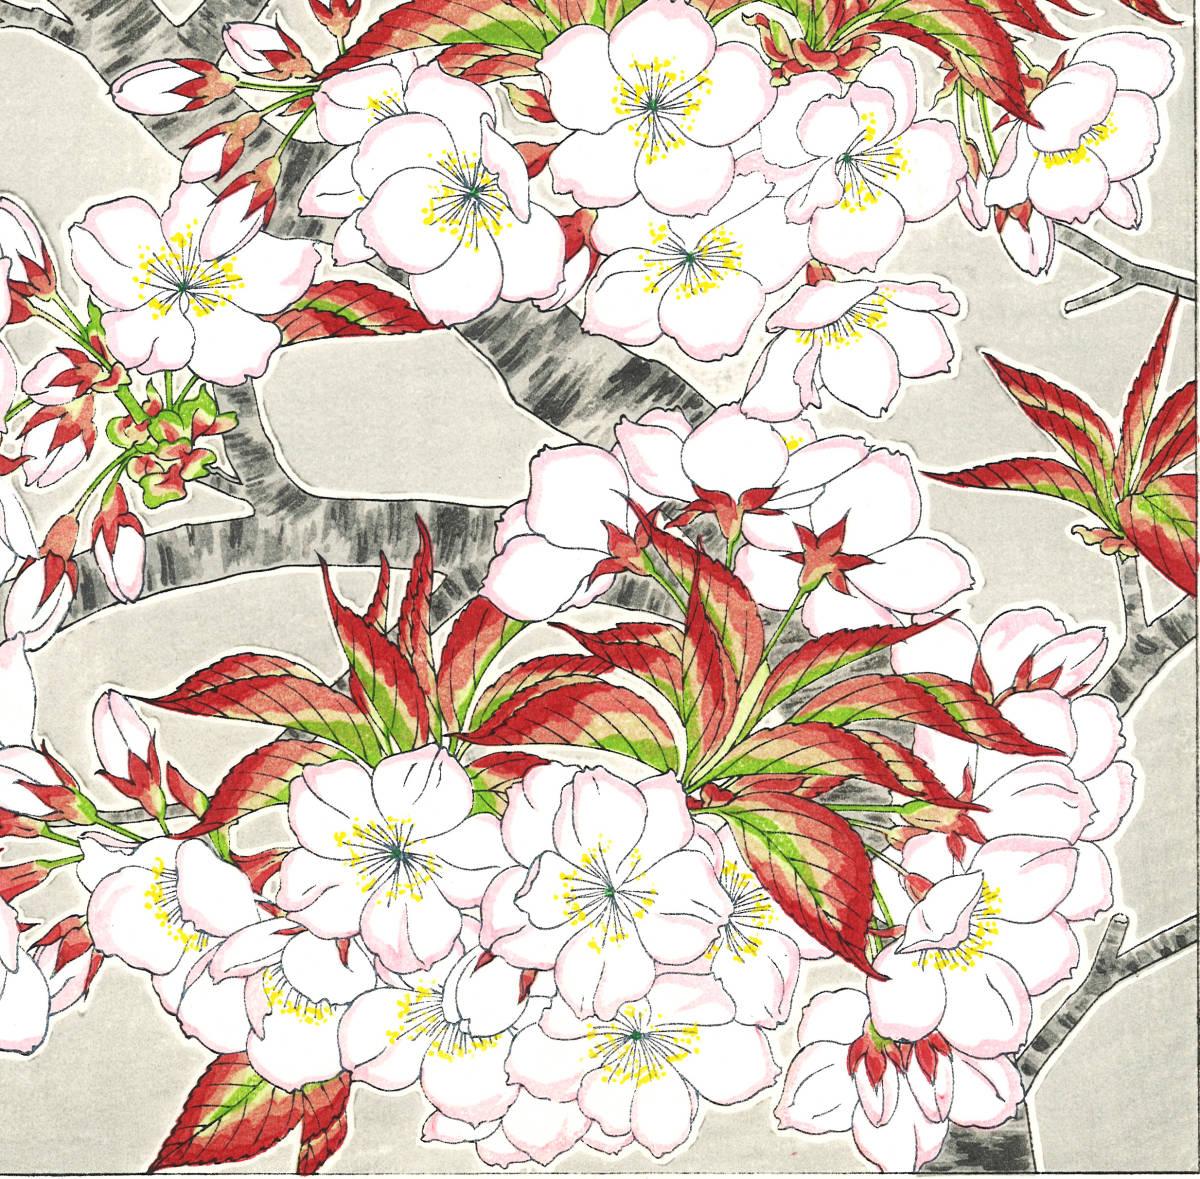 河原崎奨堂 (Kawarazaki Shodo) (1899~1973) 木版画 F020 桜 花版画 (cherry) 初版昭和初期~ 京都の一流の摺師の技をご堪能下さい。_画像10